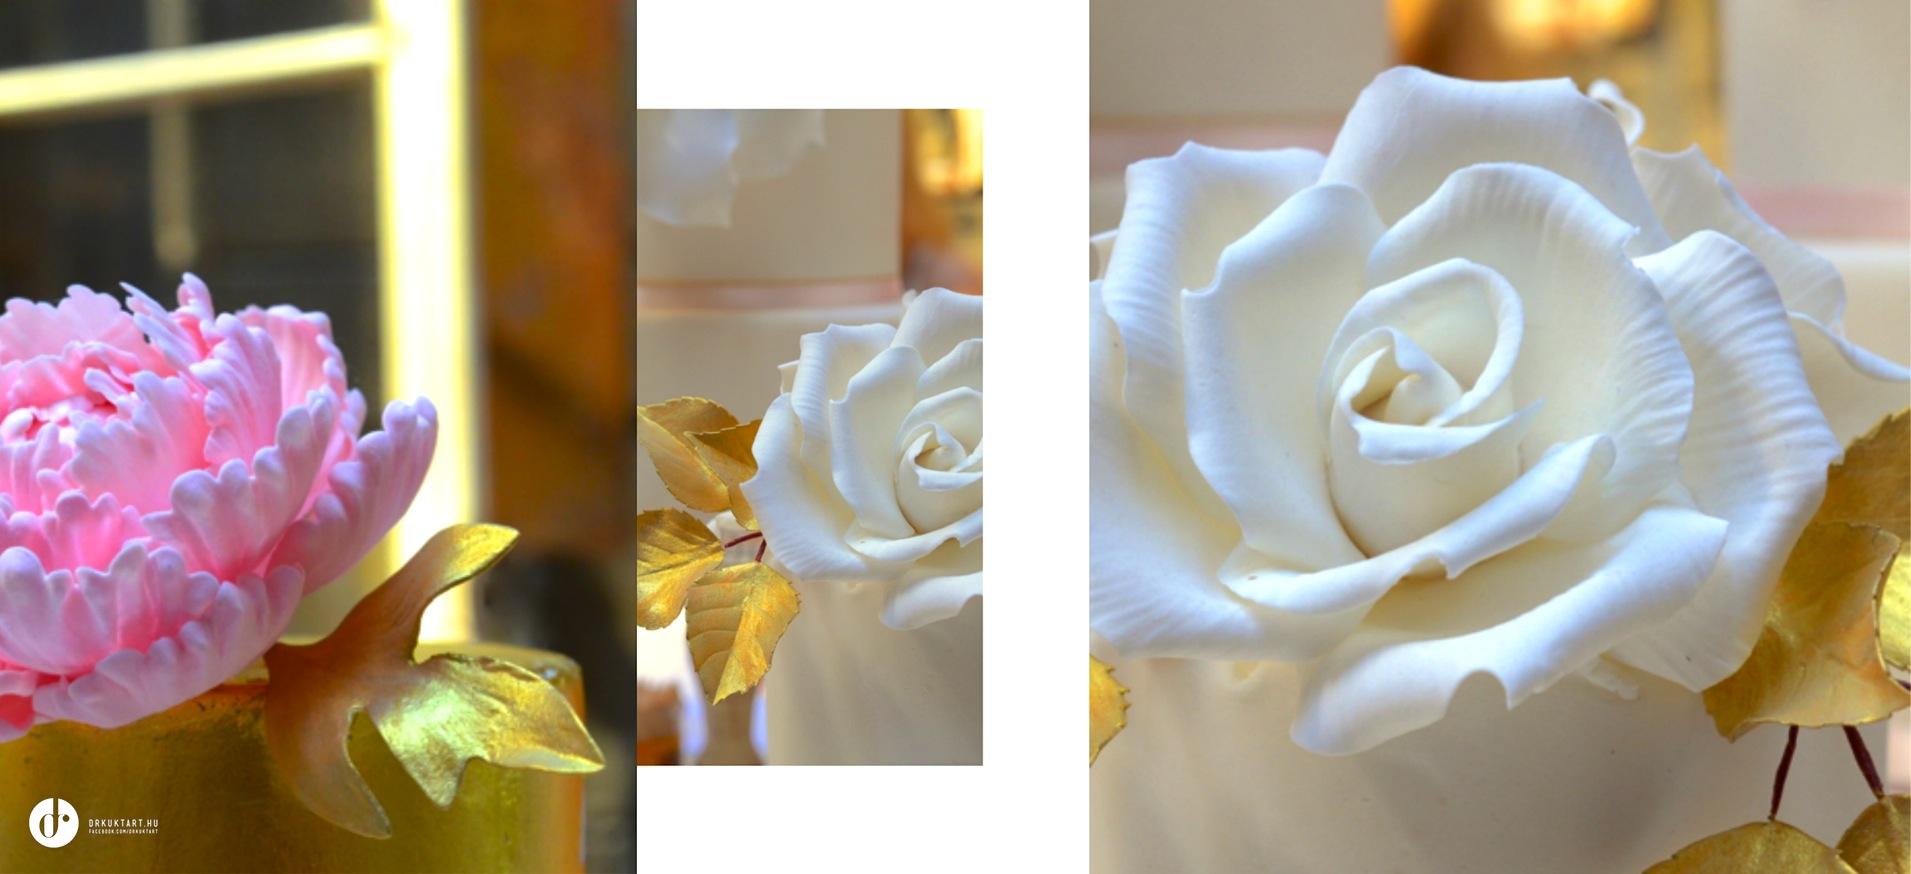 drkuktart_weddingpopupbazar_brodystudios30.jpg